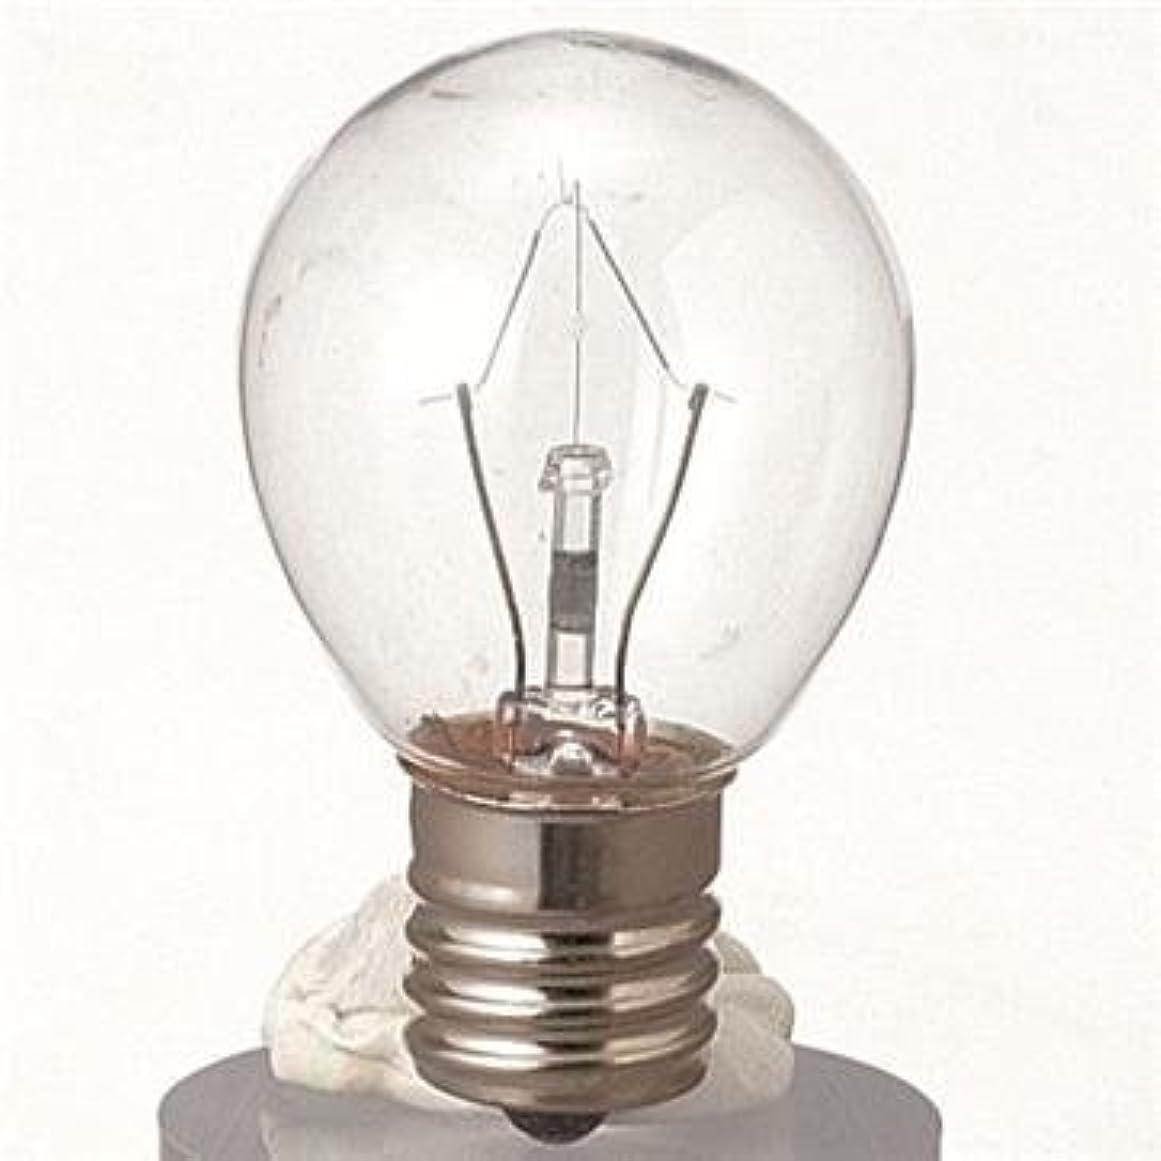 セント器具そのような生活の木 アロマランプL用 電球[25W]